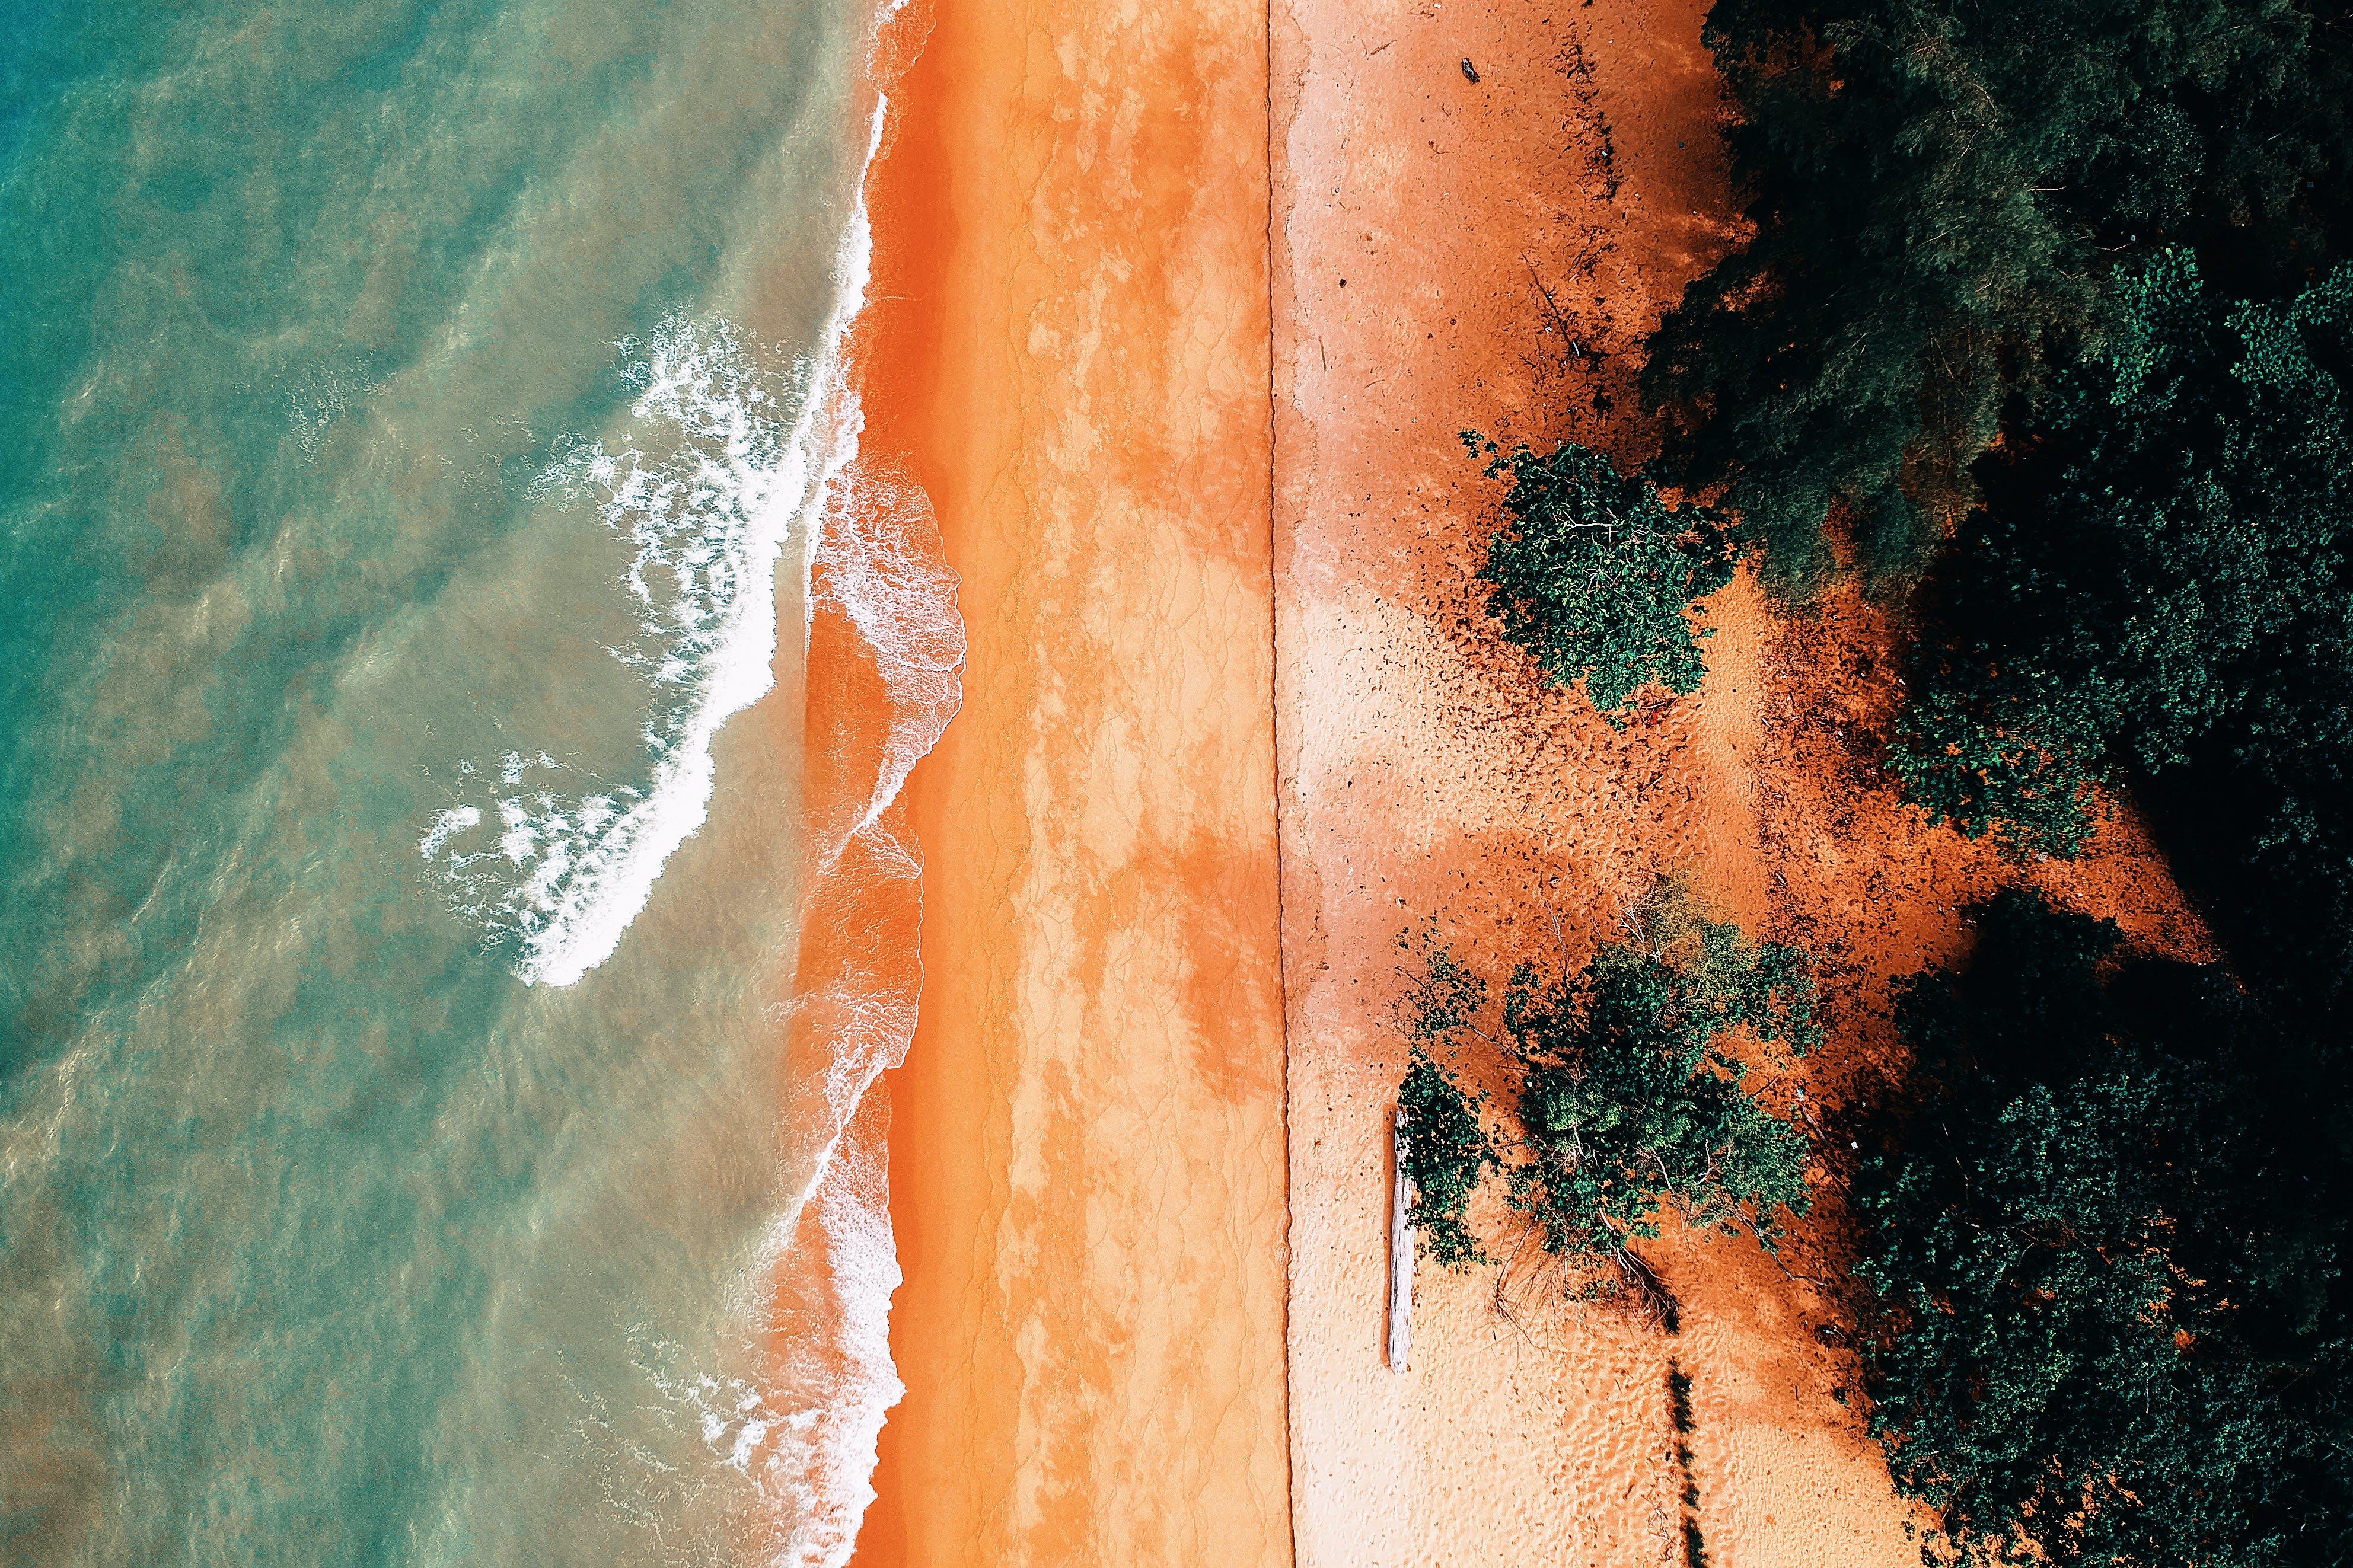 H2O, 낮, 모래, 물의 무료 스톡 사진